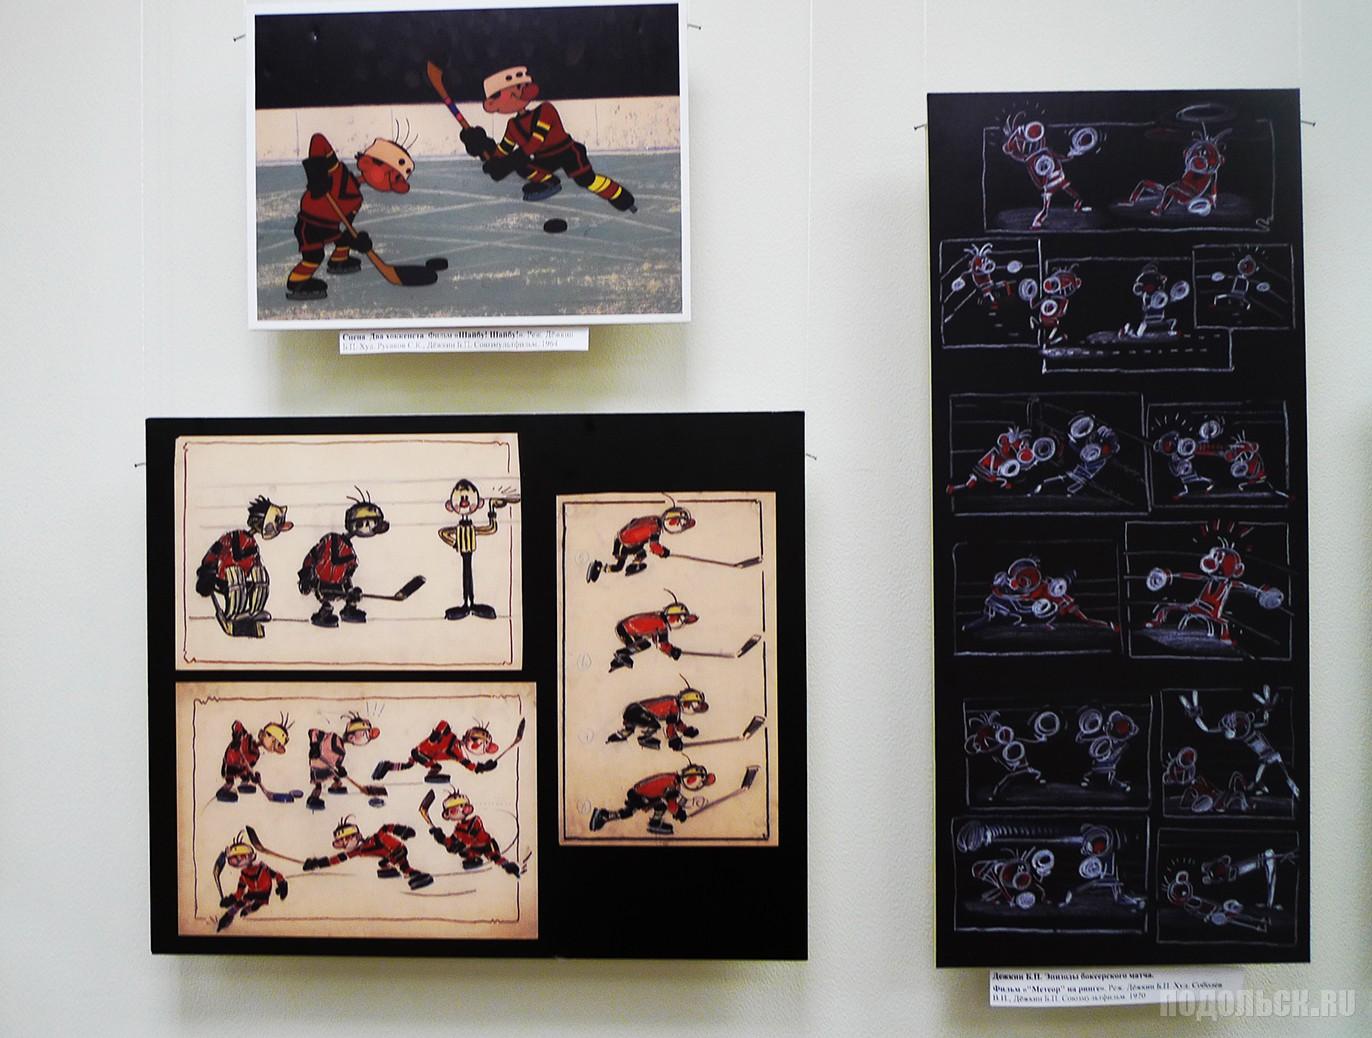 Эскизы знаменитых советских мультфильмов — на выставке в Подольске